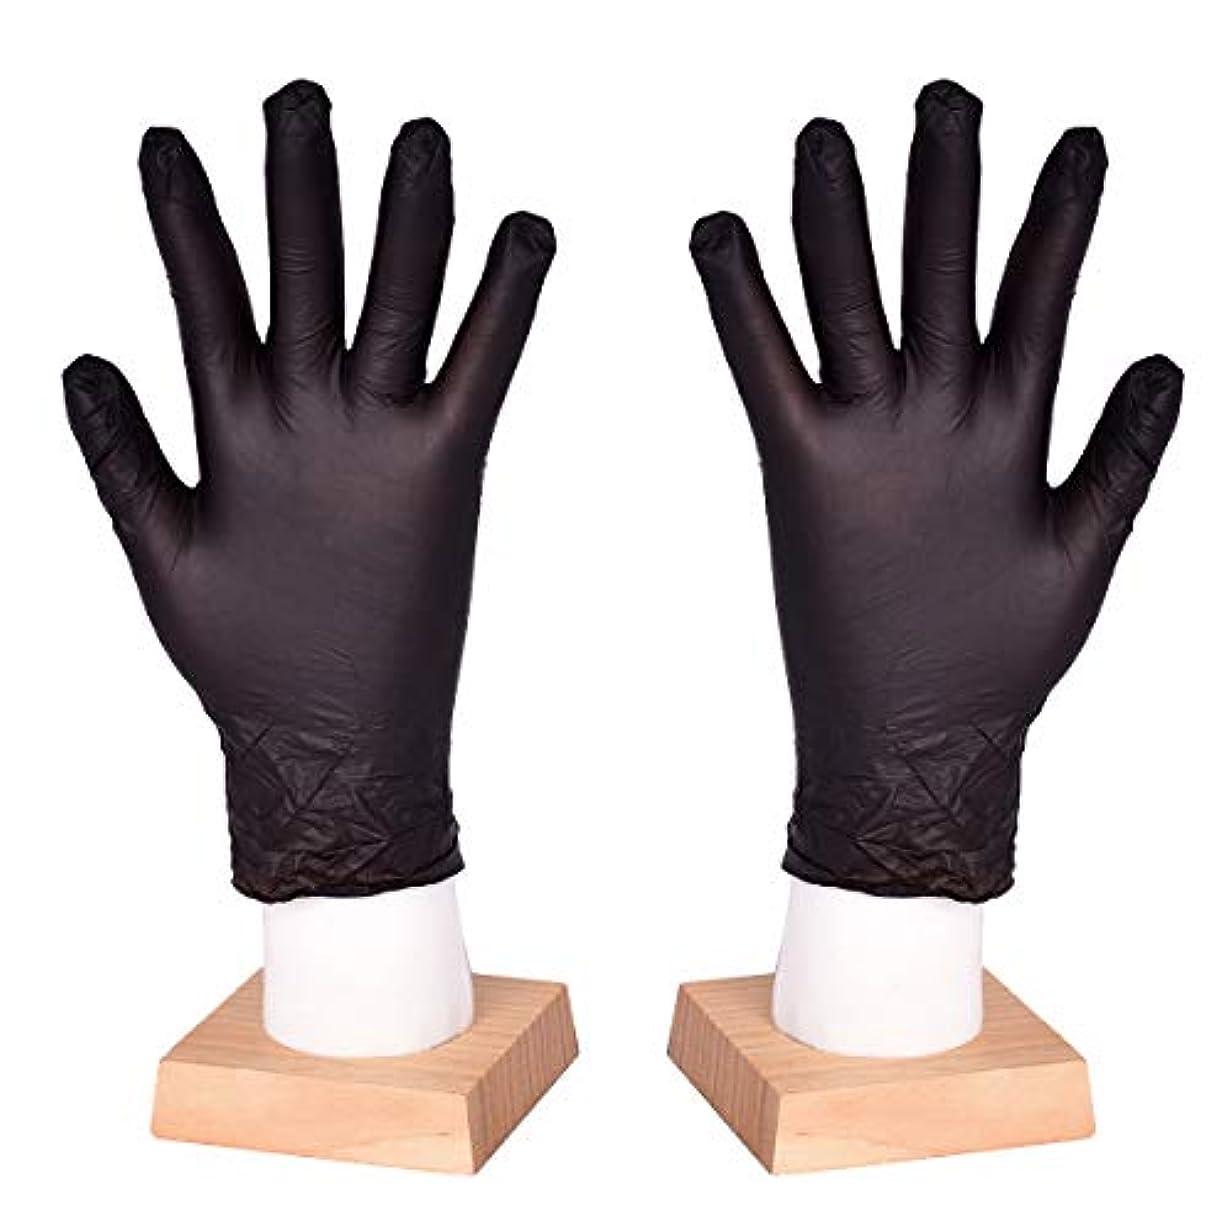 教育カバースリム[FJTK]使い捨て手袋 滑りにくい 超弾性 多用途 黒 100枚入 (L)